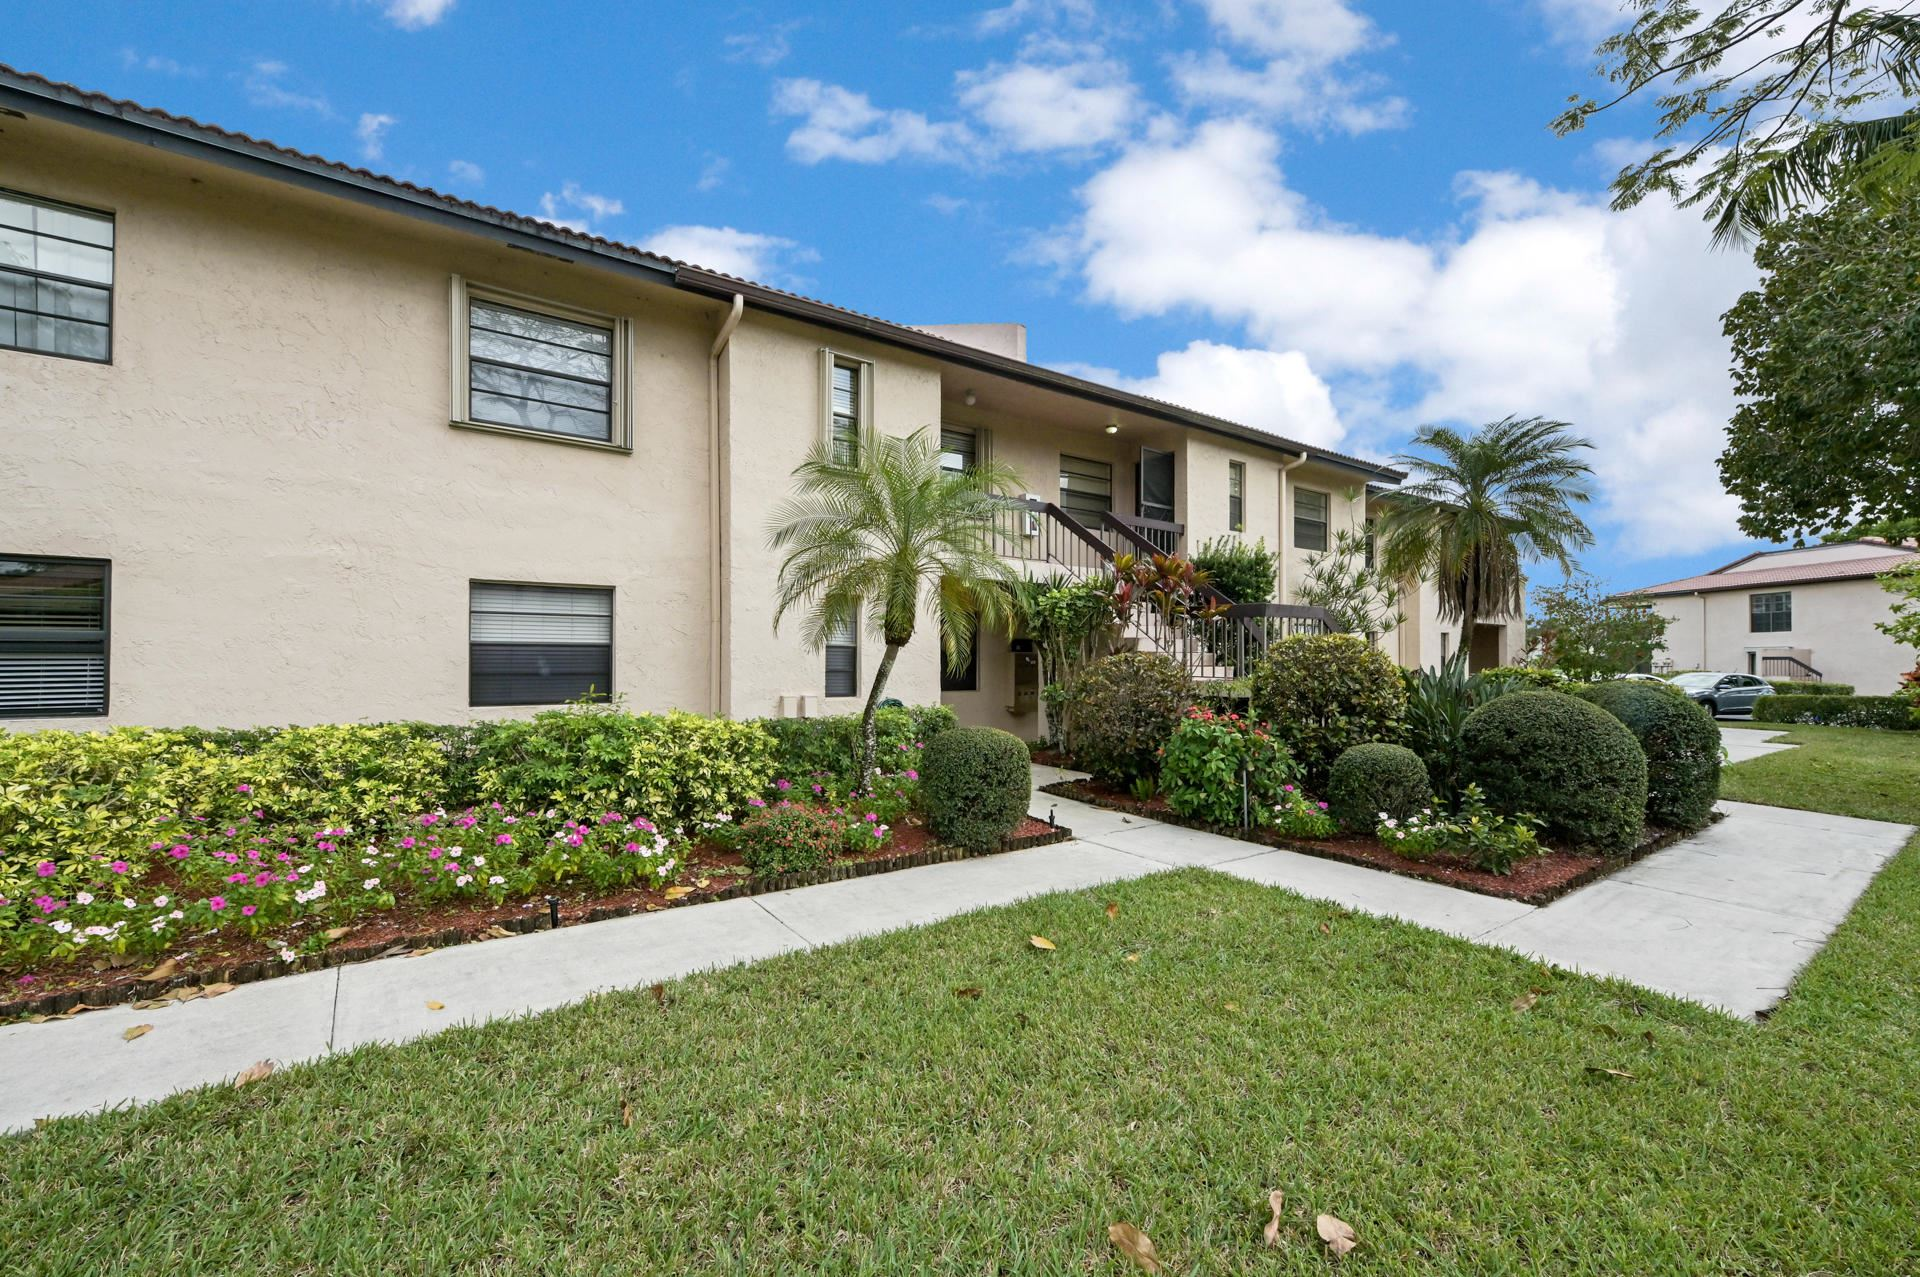 9268 Vista Del Lago #F, Boca Raton, FL 33428 - MLS#: RX-10699001